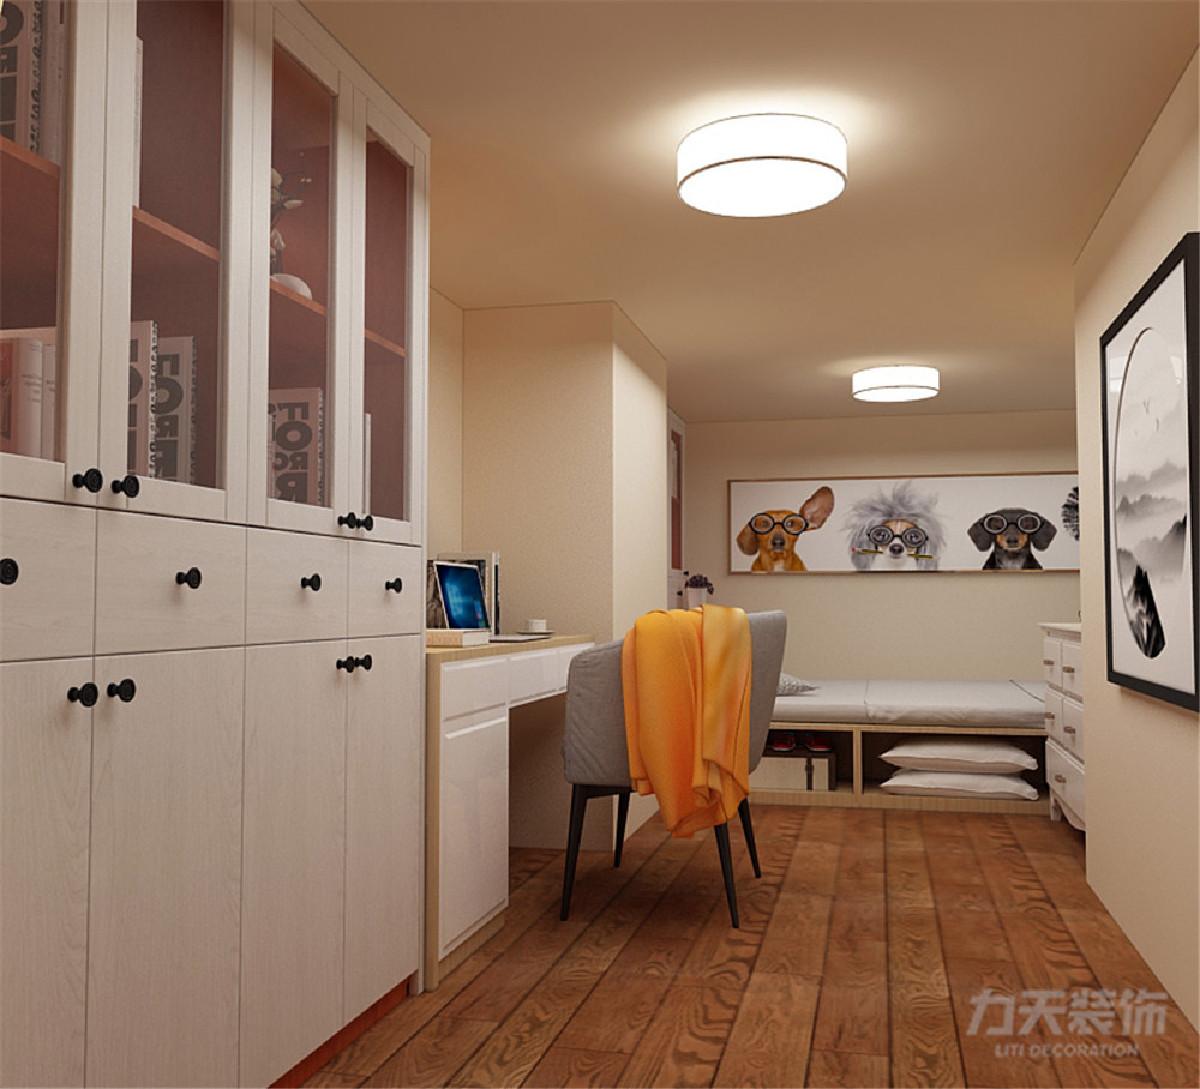 沙发c餐桌位置不变,把卫生间加大,充分合理利用每一寸空间,阳台位置放置榻榻米柜子,又能储物收纳,又能休息养花,合理利用空间,居住舒适。